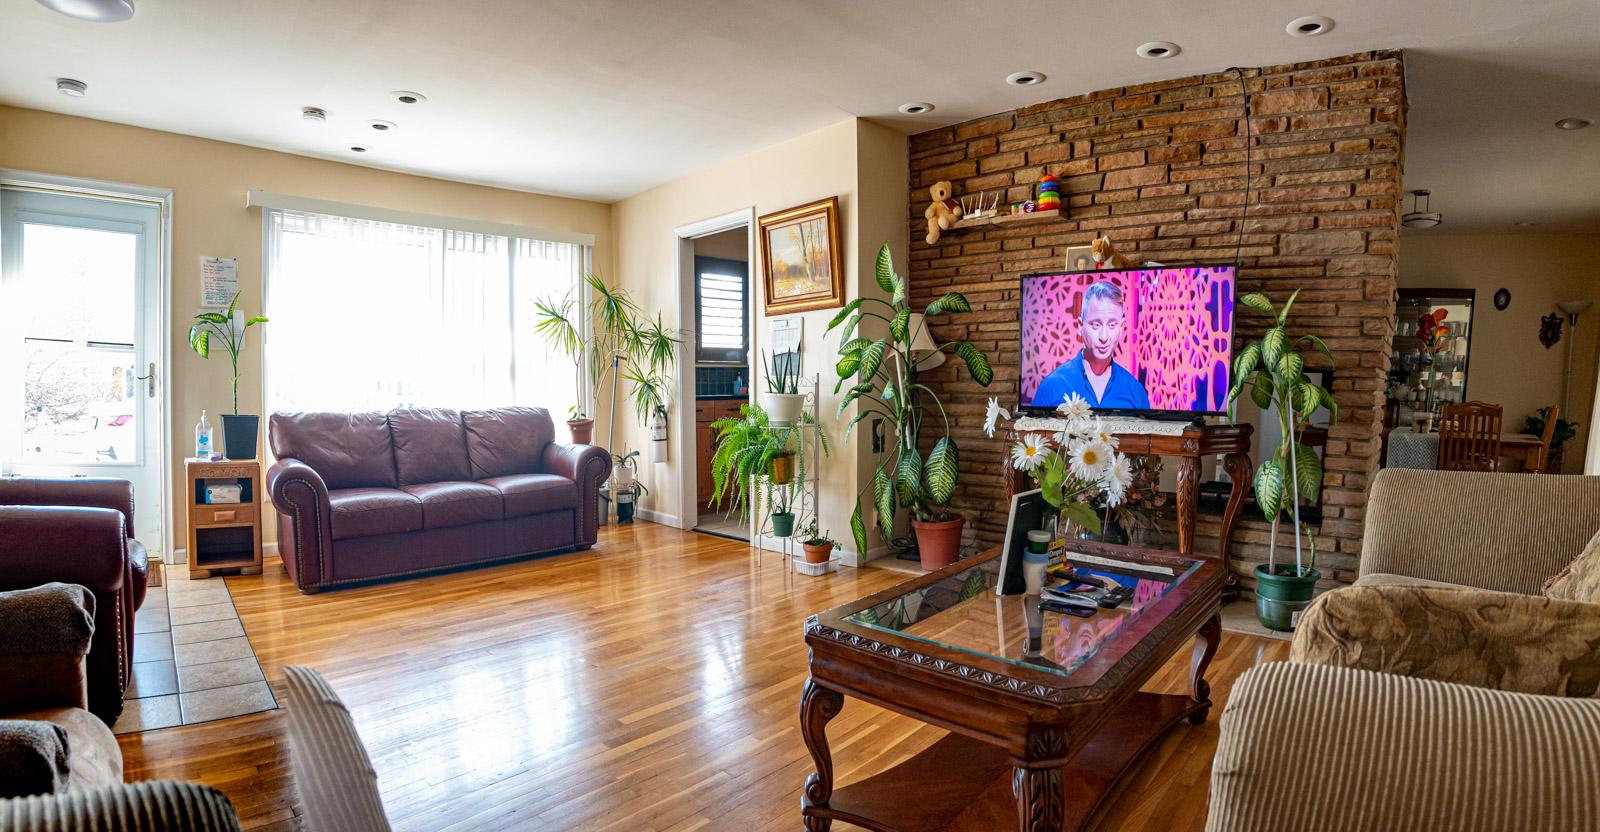 Balmoral Living Group Home